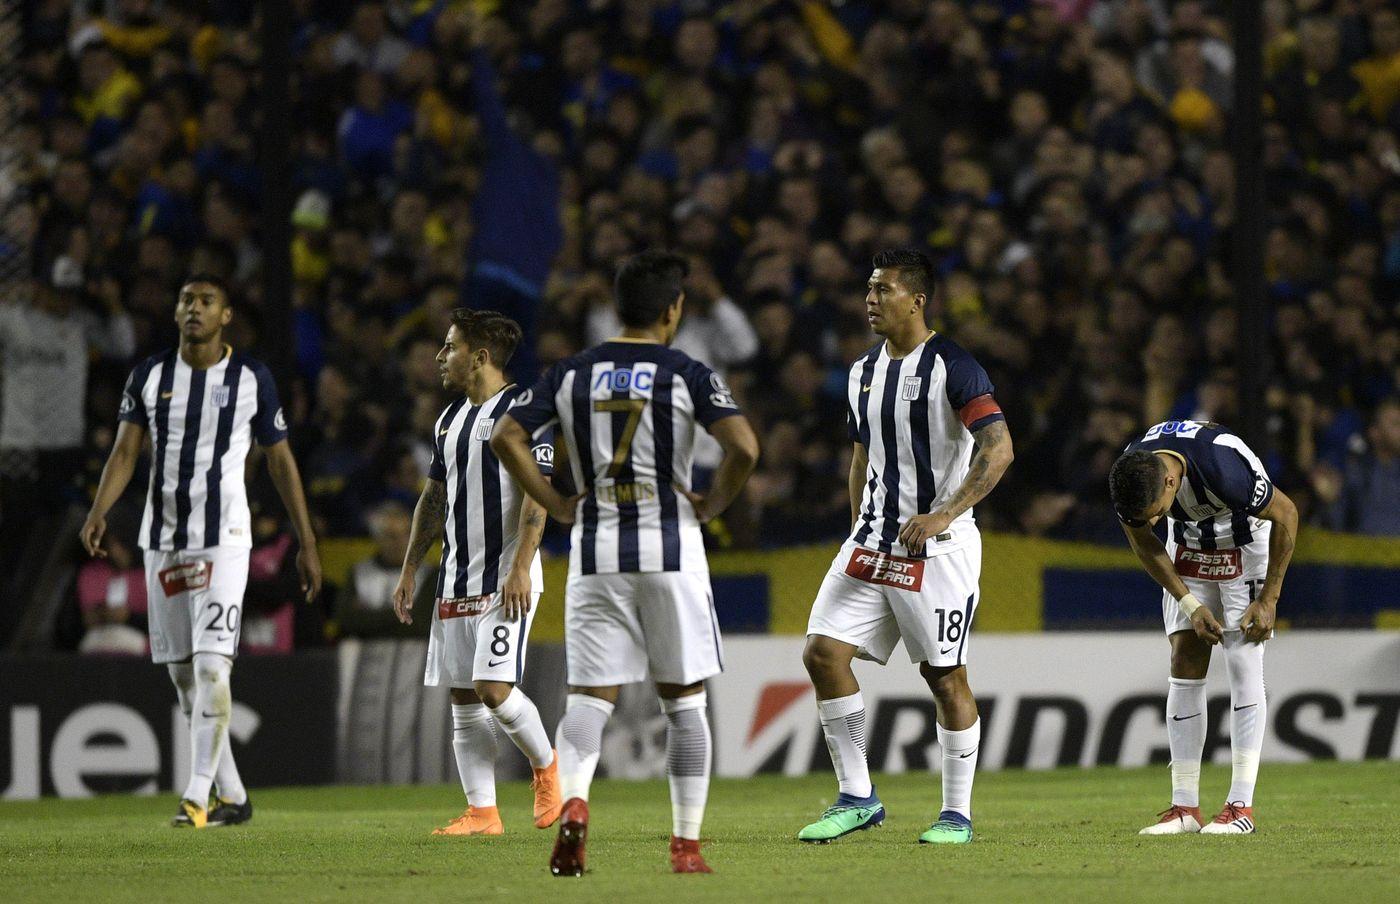 Alianza Lima-Sporting Cristal mercoledì 12 dicembre